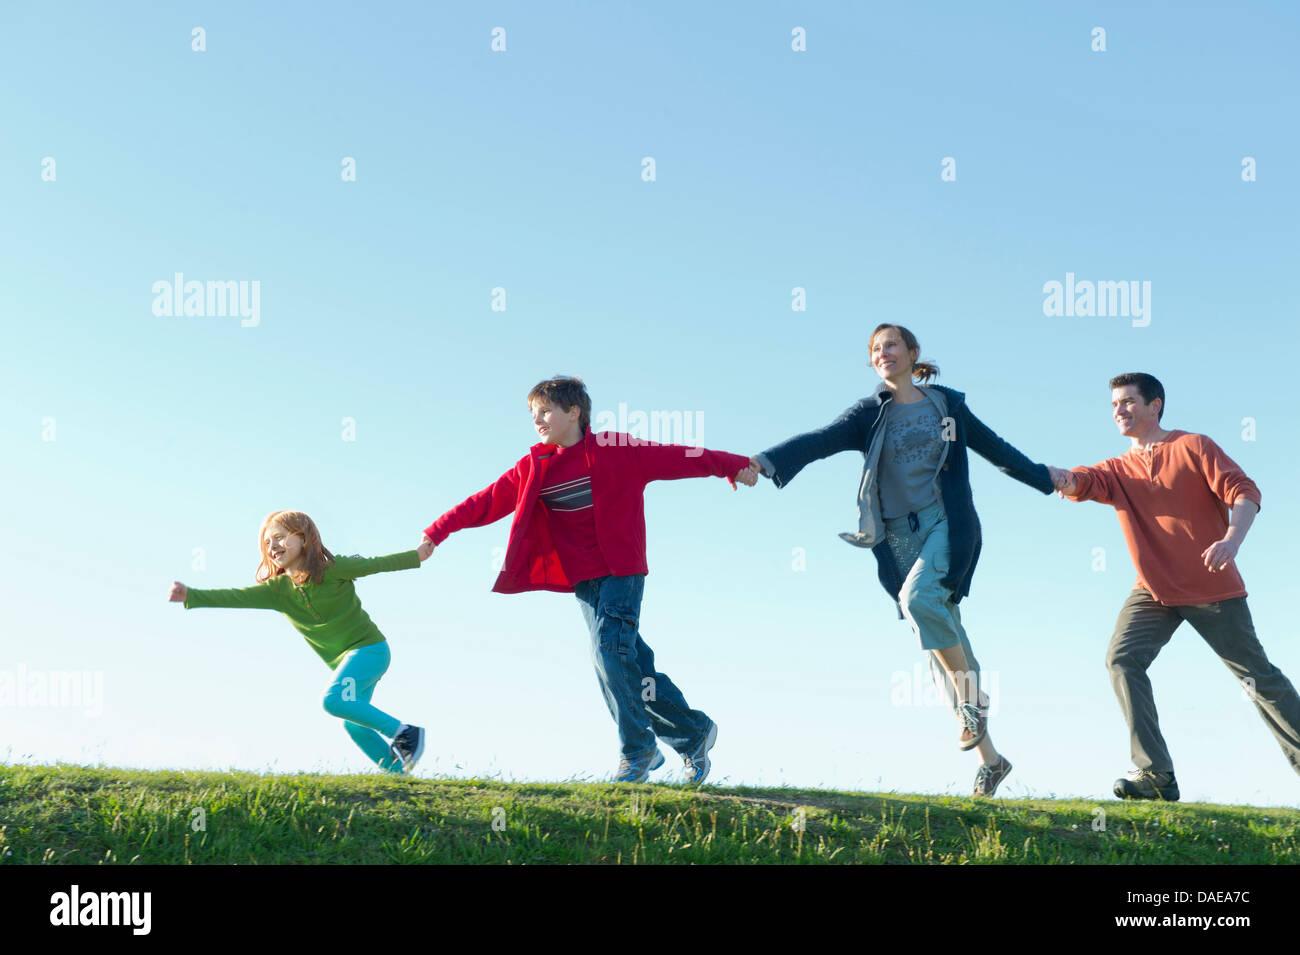 Los padres y dos niños corriendo y tomados de la mano Imagen De Stock